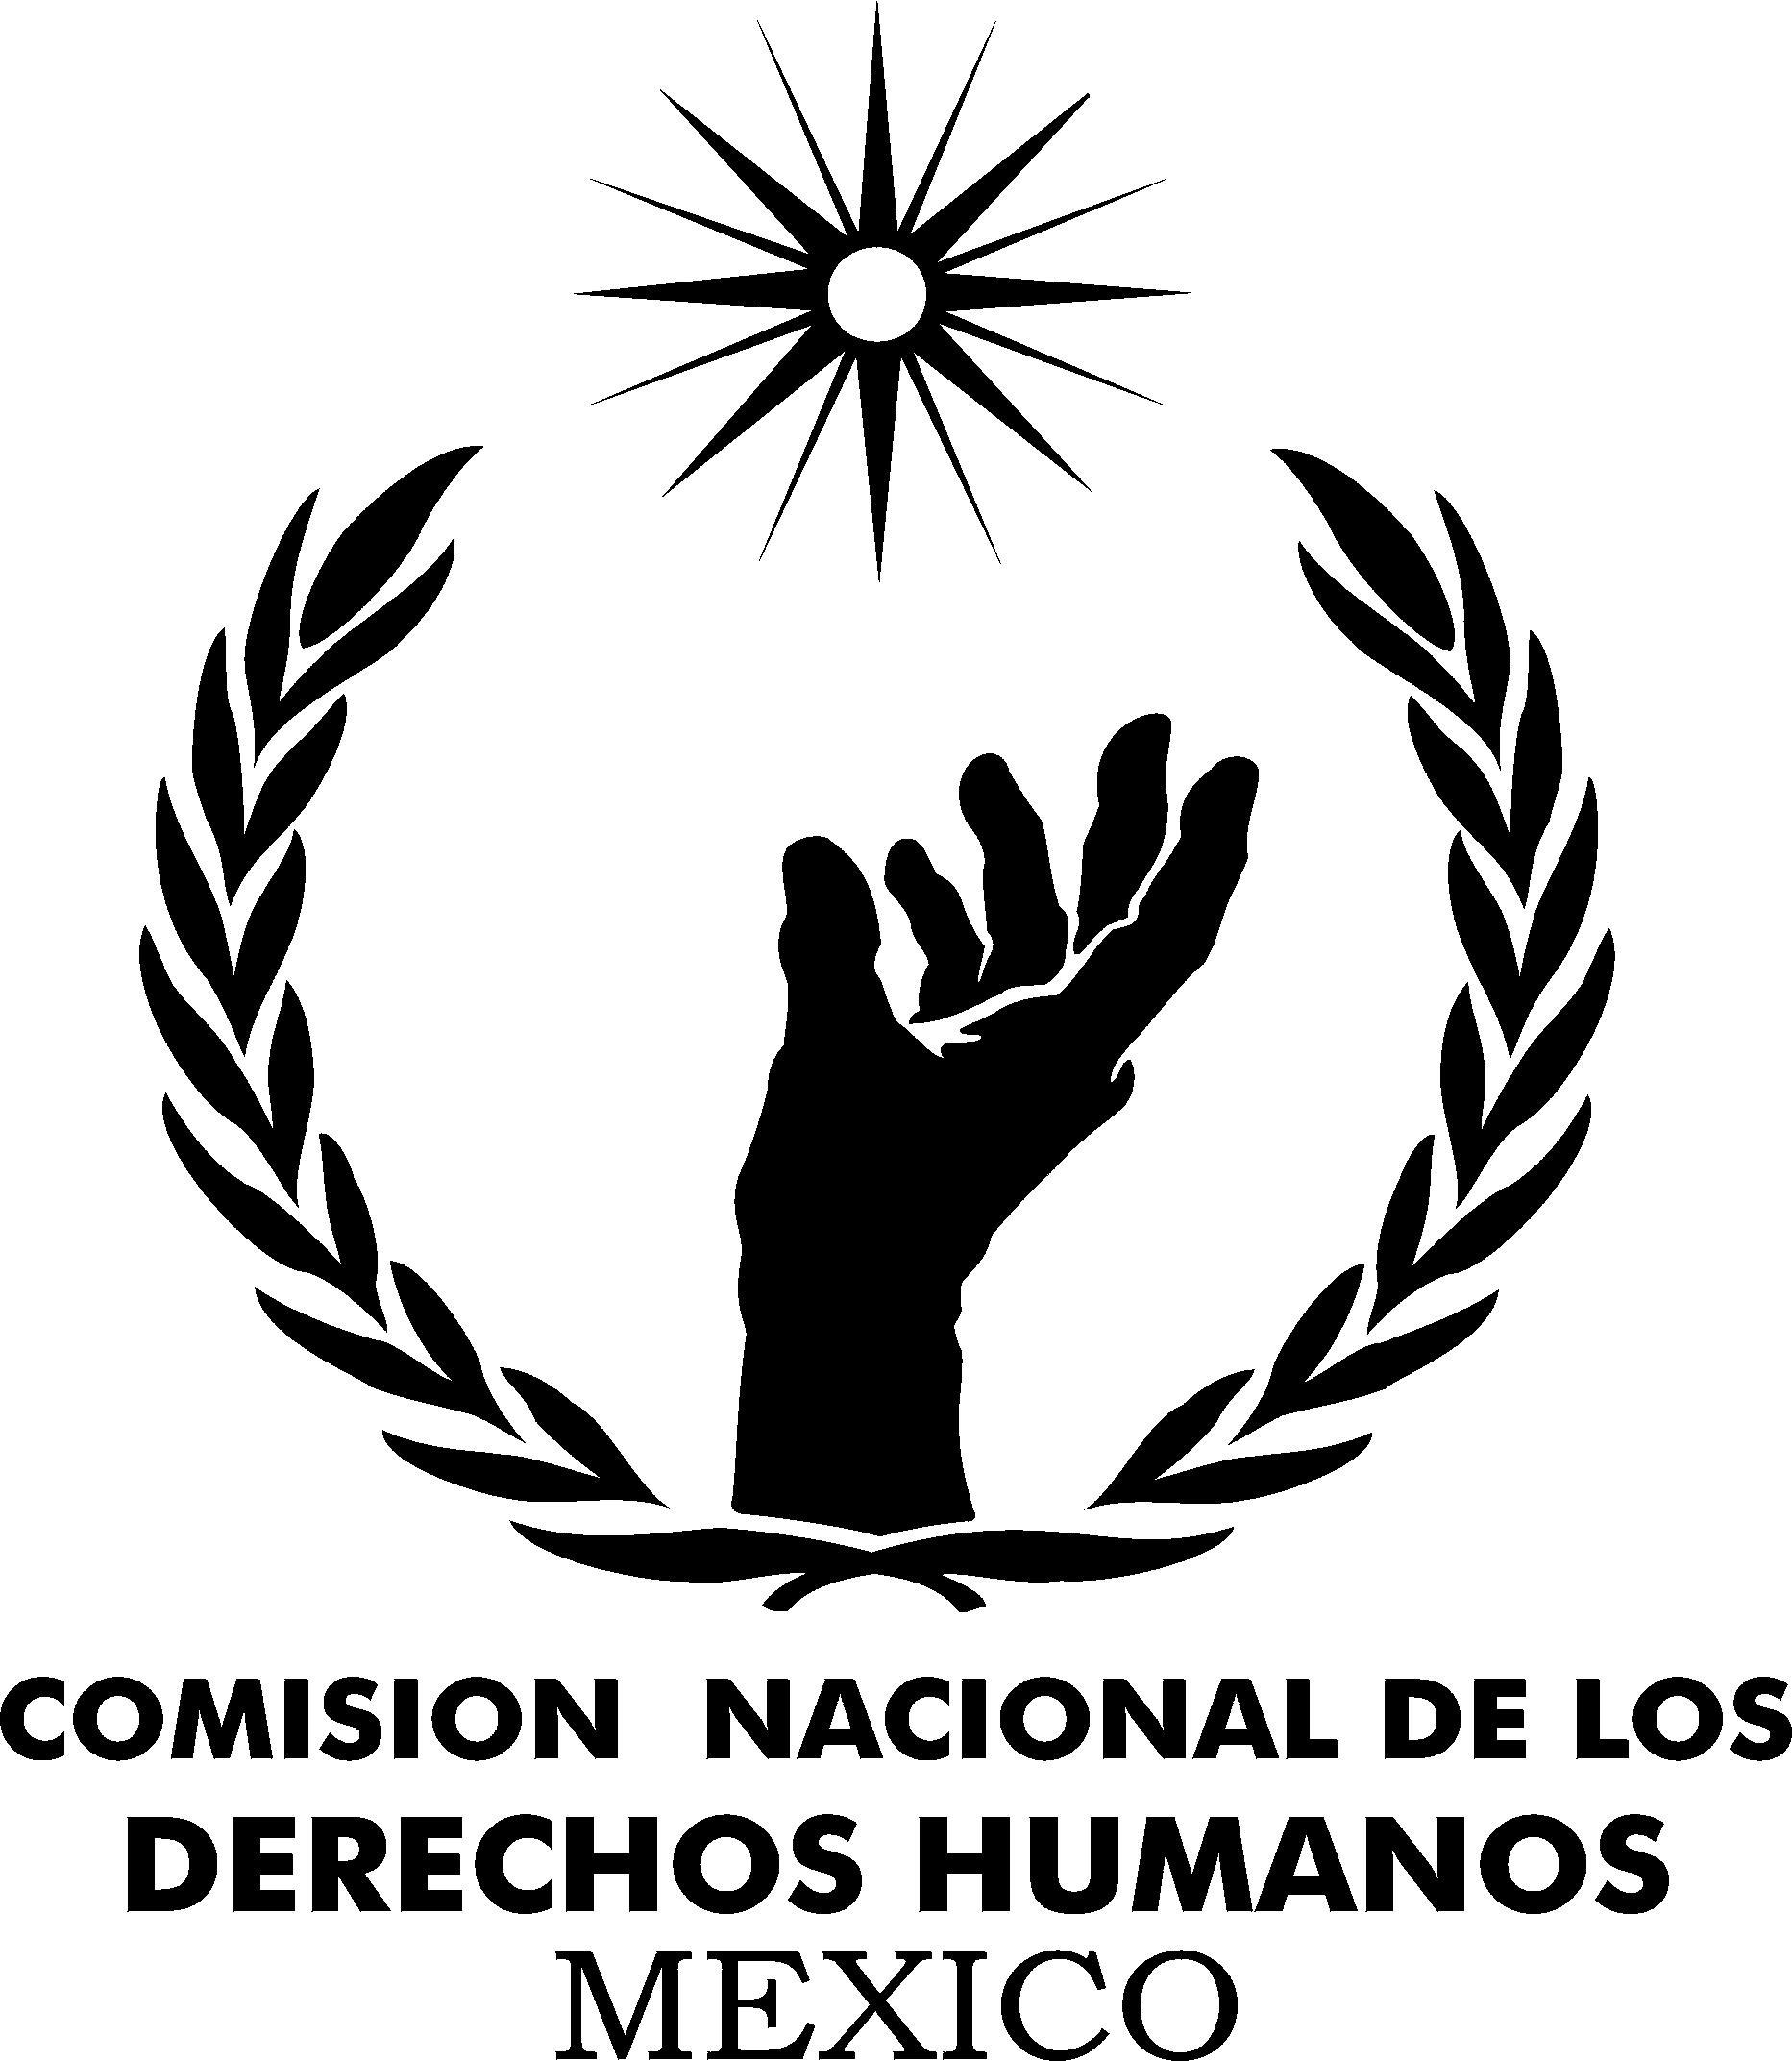 Comisión Nacional de los Derechos Humanos - Fupavi